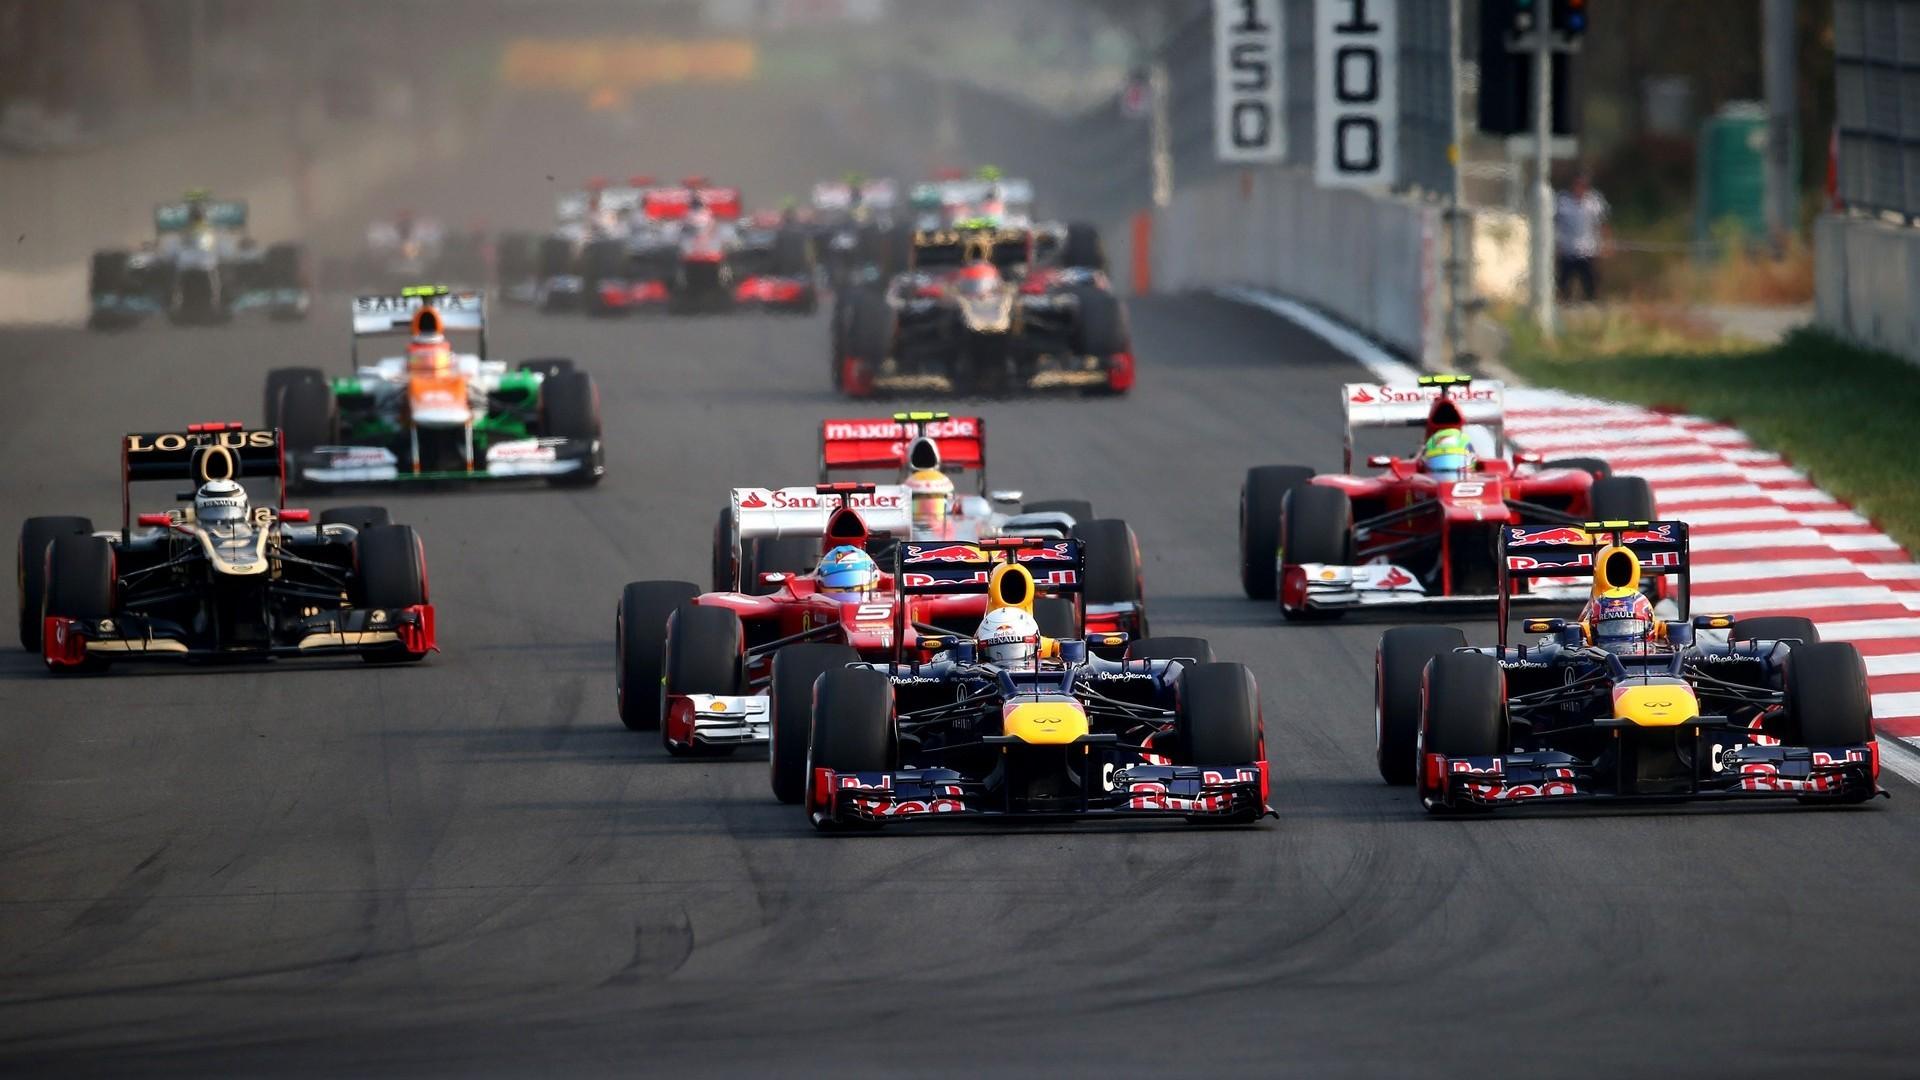 HD Wallpapers 2012 Formula 1 Grand Prix of Korea | Formula 1